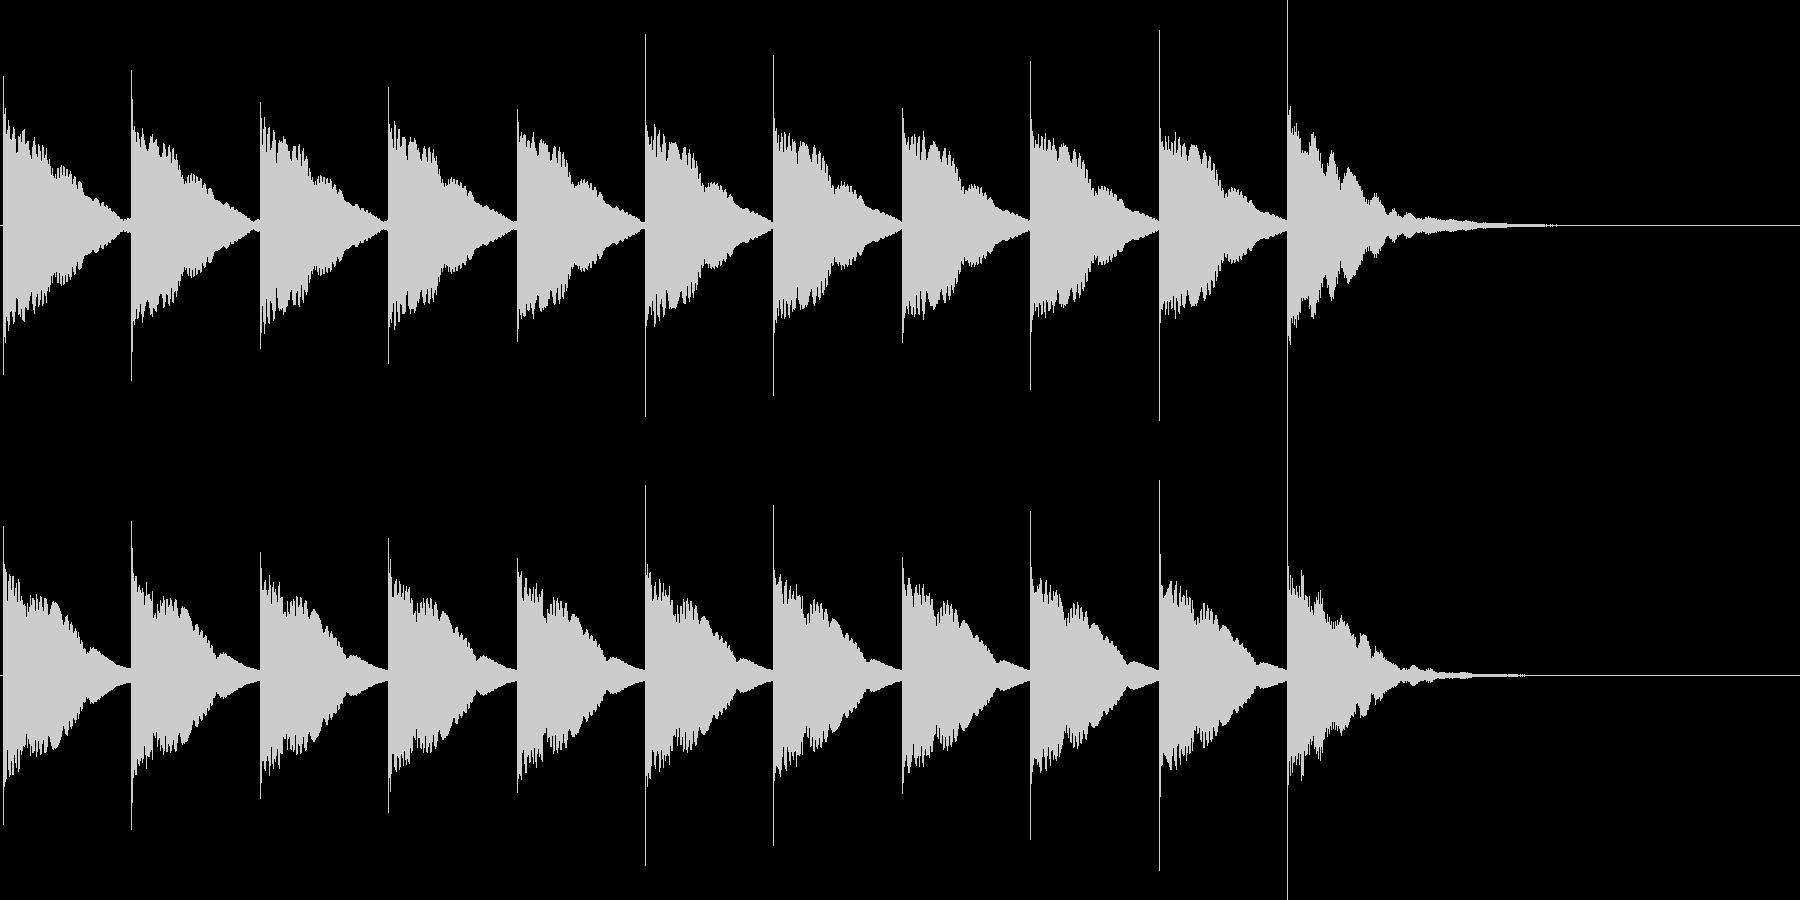 カウントダウンB3(10秒前)の未再生の波形